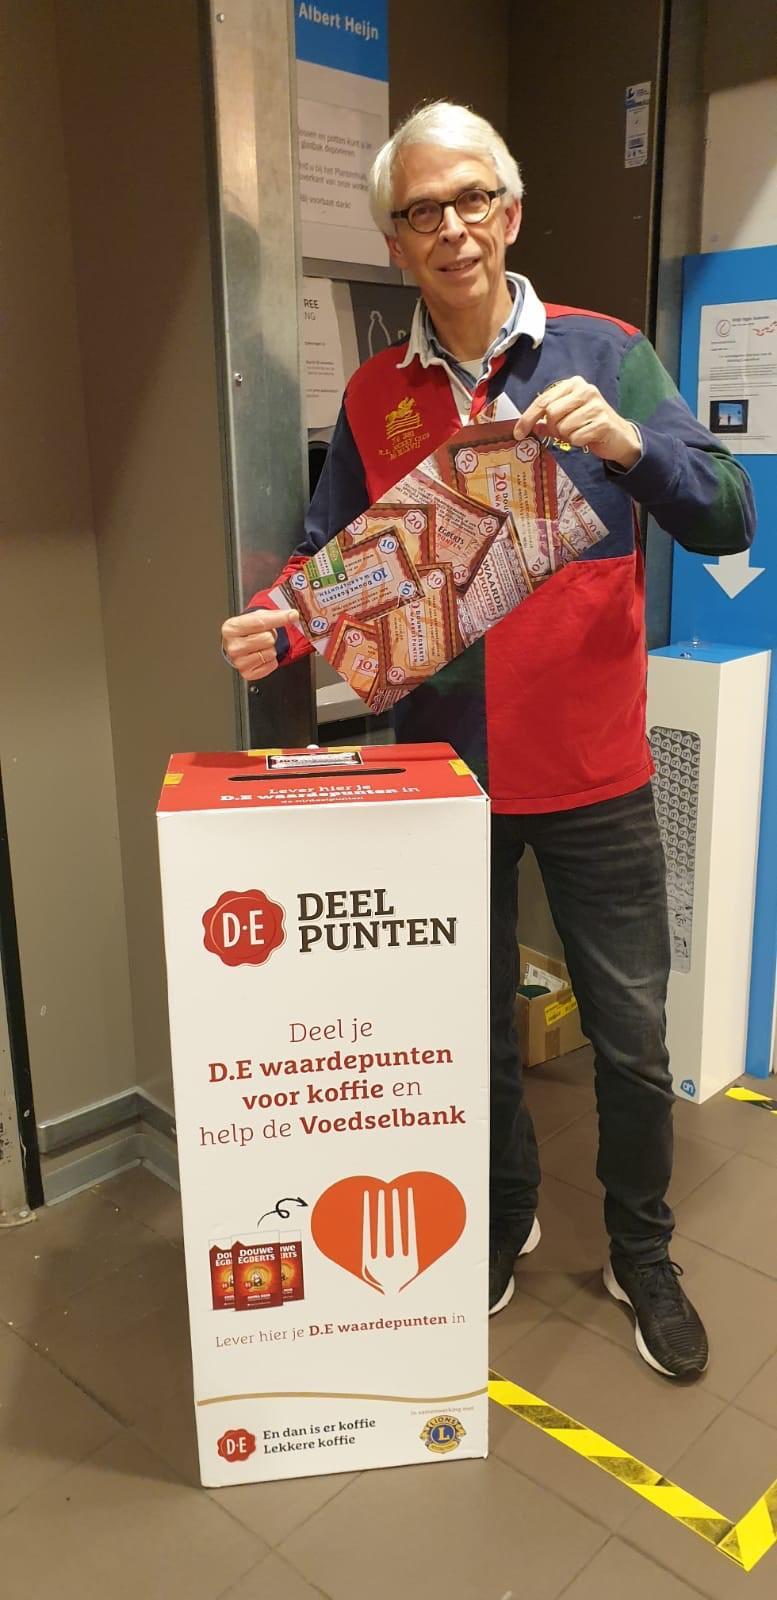 Lions zamelen DE-punten in voor 'bakkie troost' voor voedselbanken